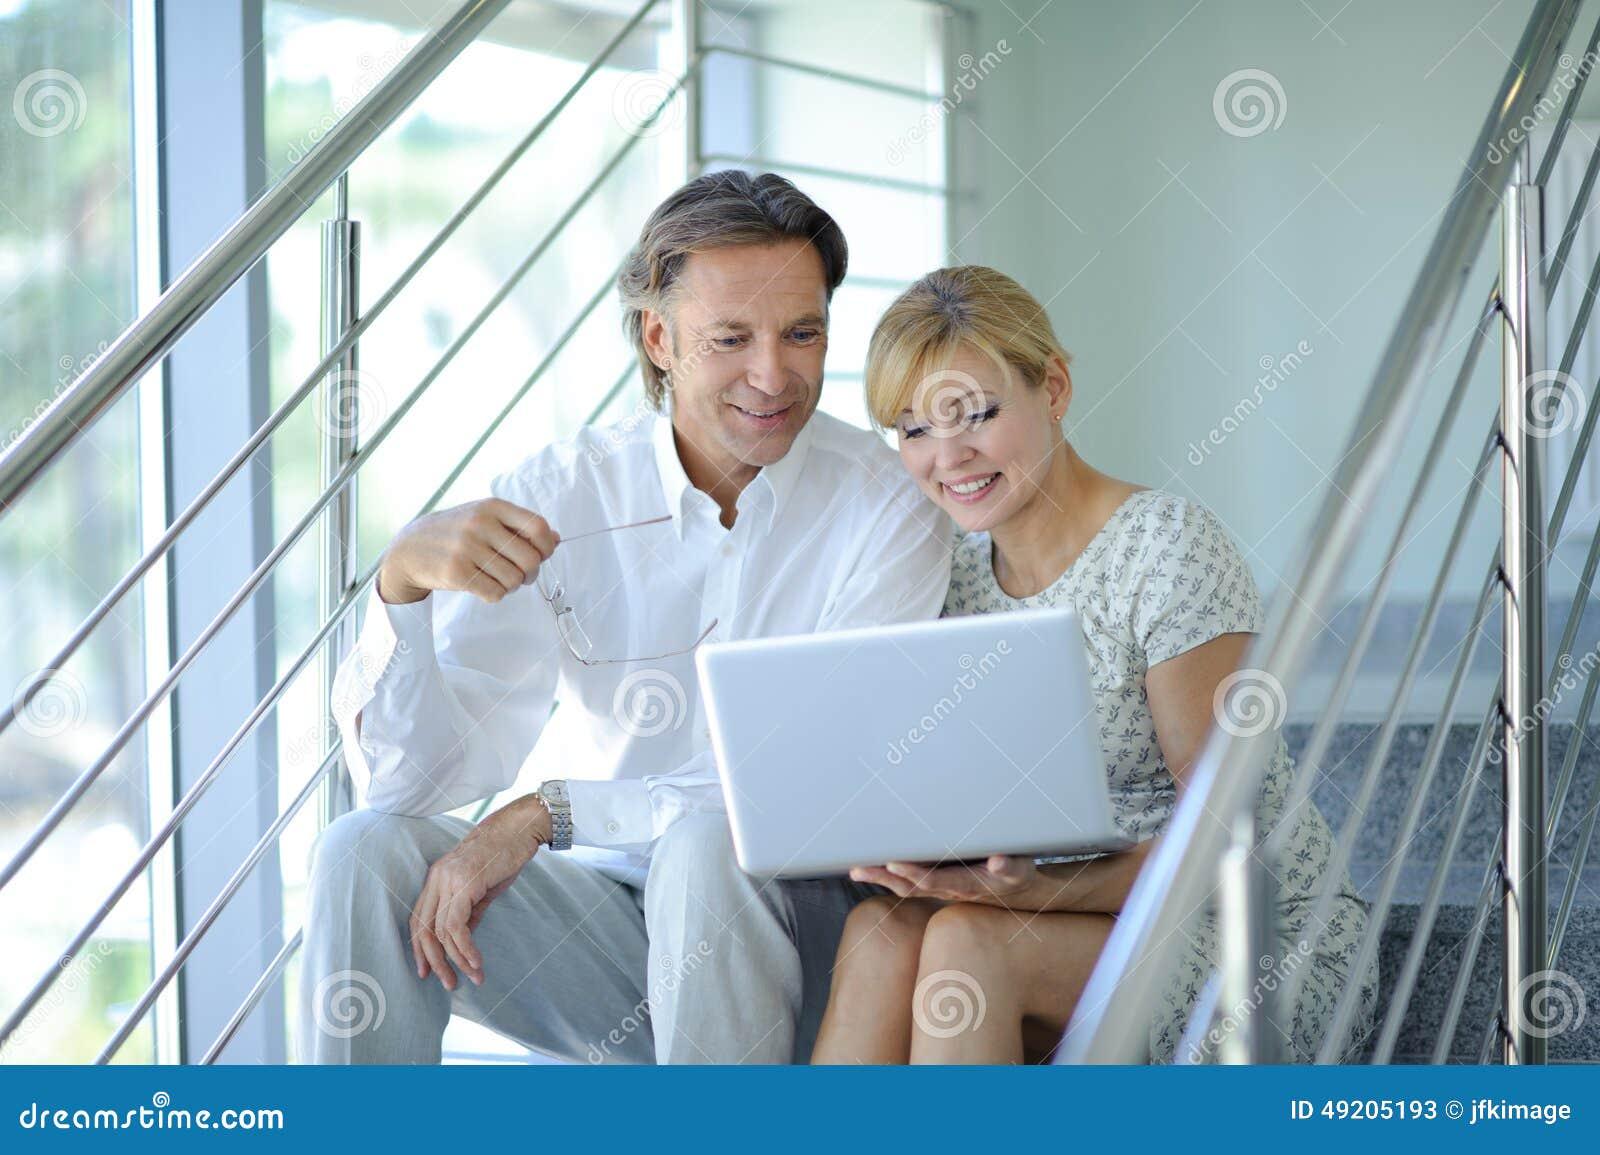 Überzeugte Teilhaber, die auf Treppe im Bürogebäude sitzen und Arbeit, Computer, lächelnd, reifer Geschäftsmann besprechen